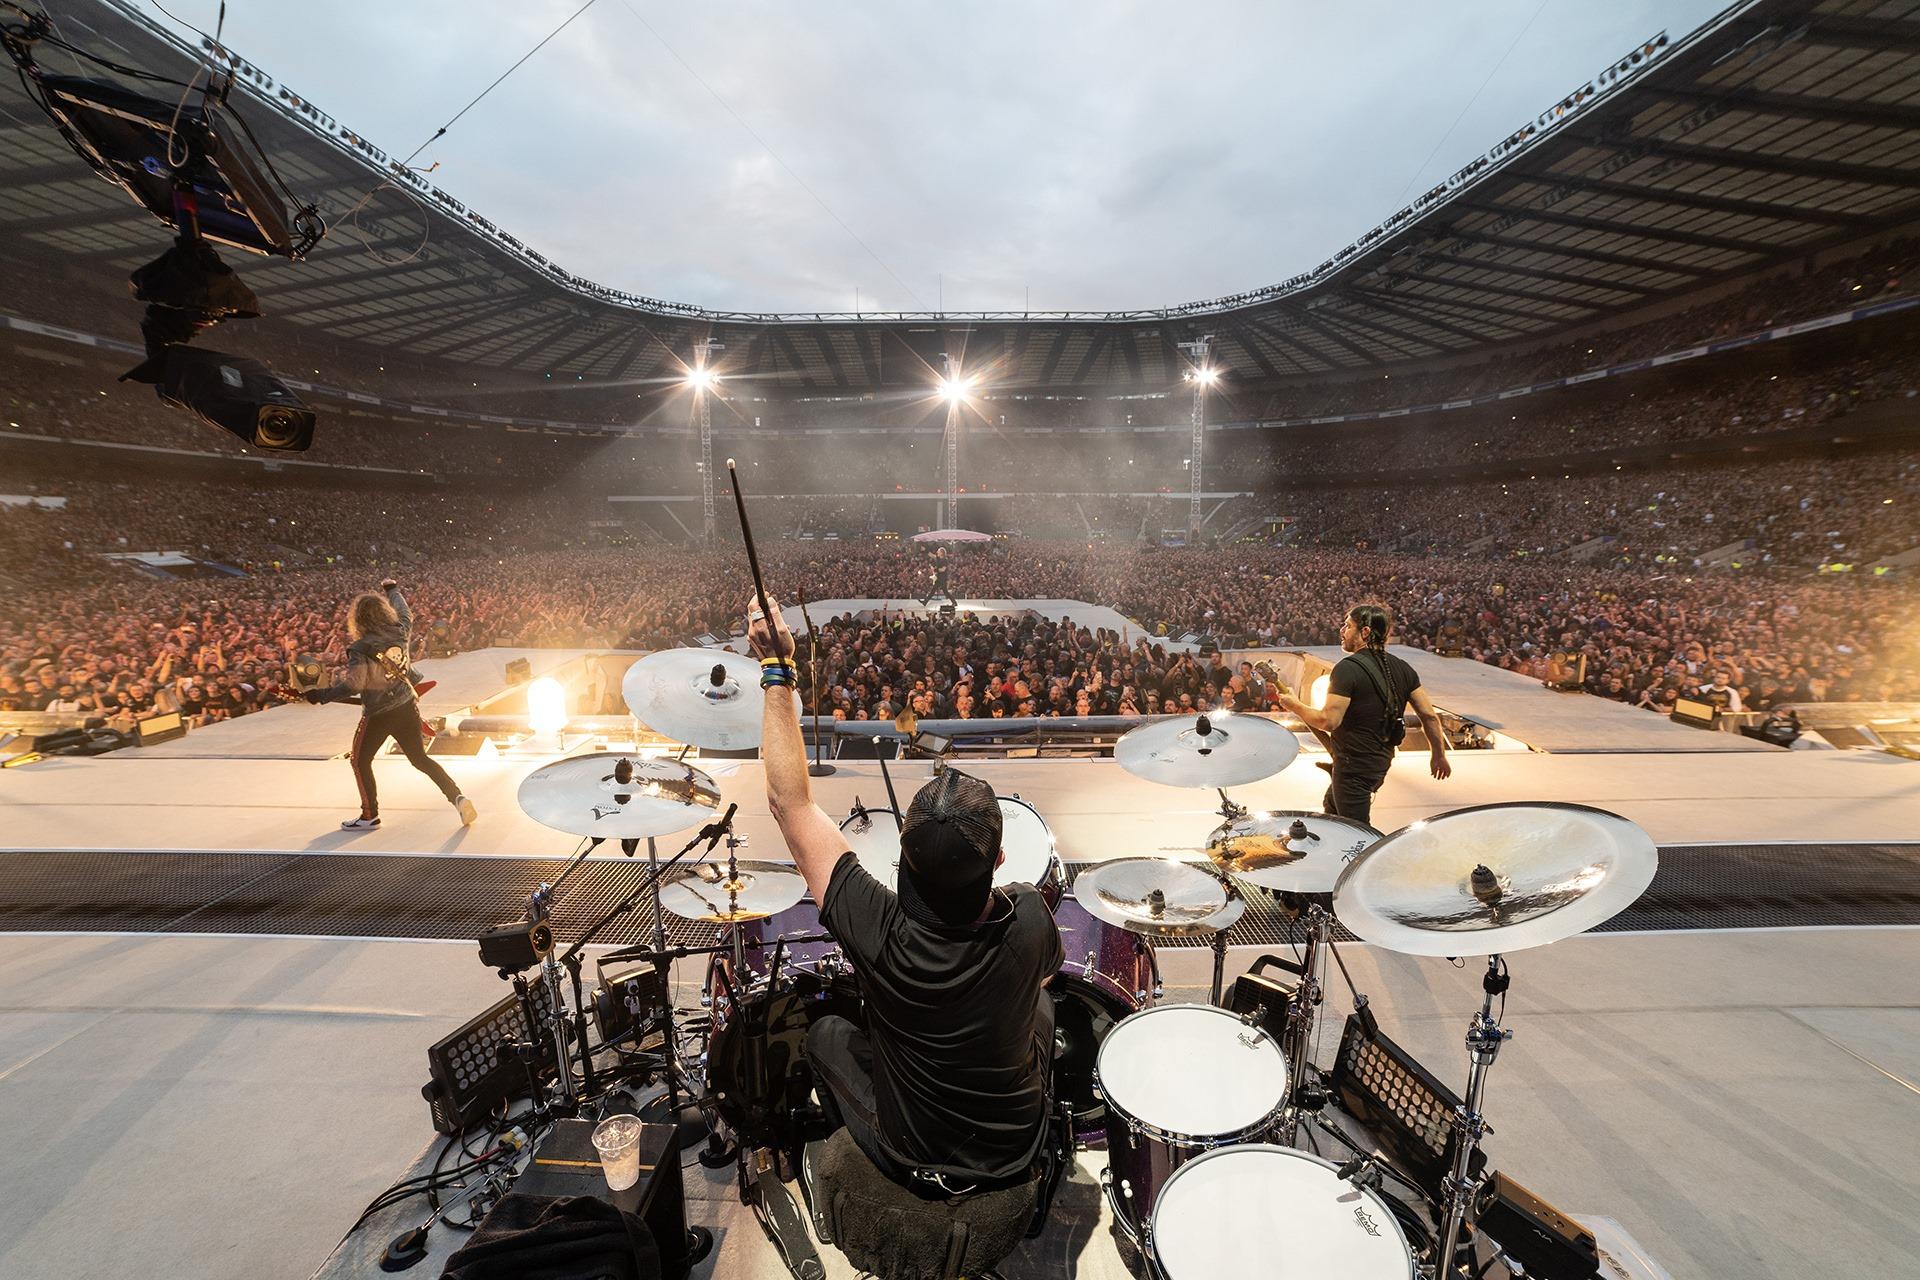 Genieß die Musik von Metallica mit Kino-Flair vom Feinsten!